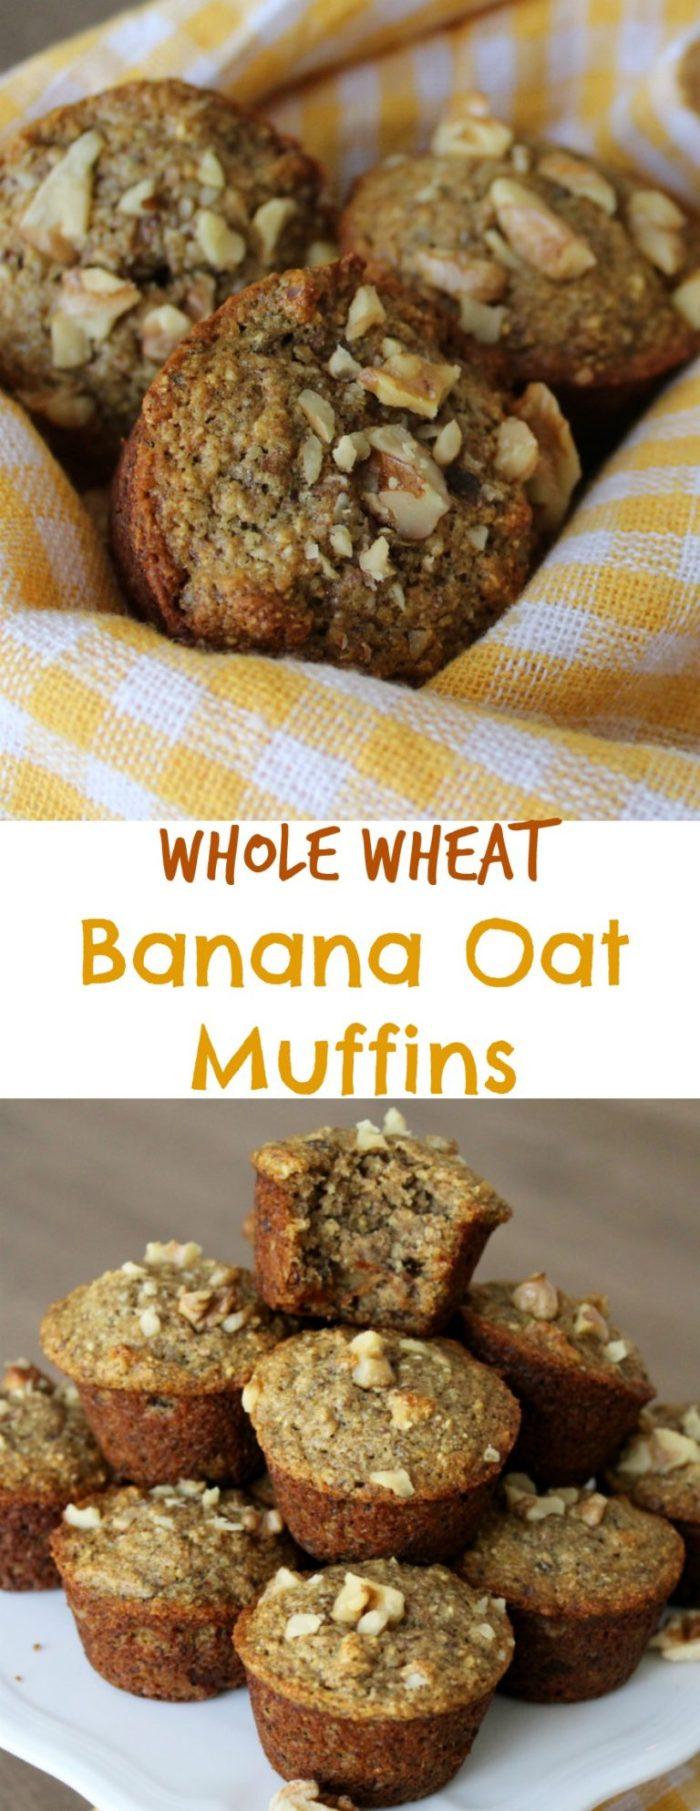 Vegan Whole Wheat Banana Oat Muffins